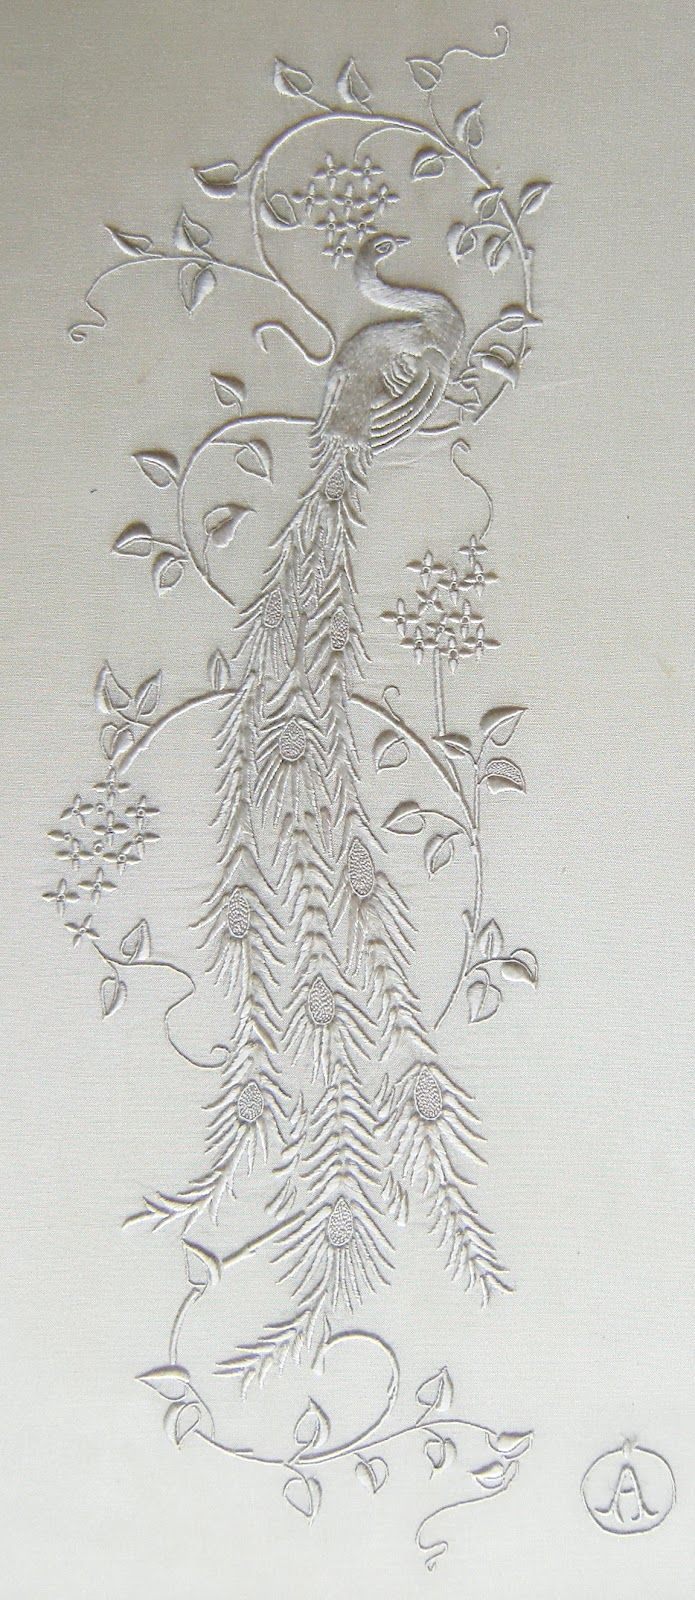 Une merveille de miniature brodée en fil de soie Anchor qui malheureusement ne se fait plus aujourd'hui.